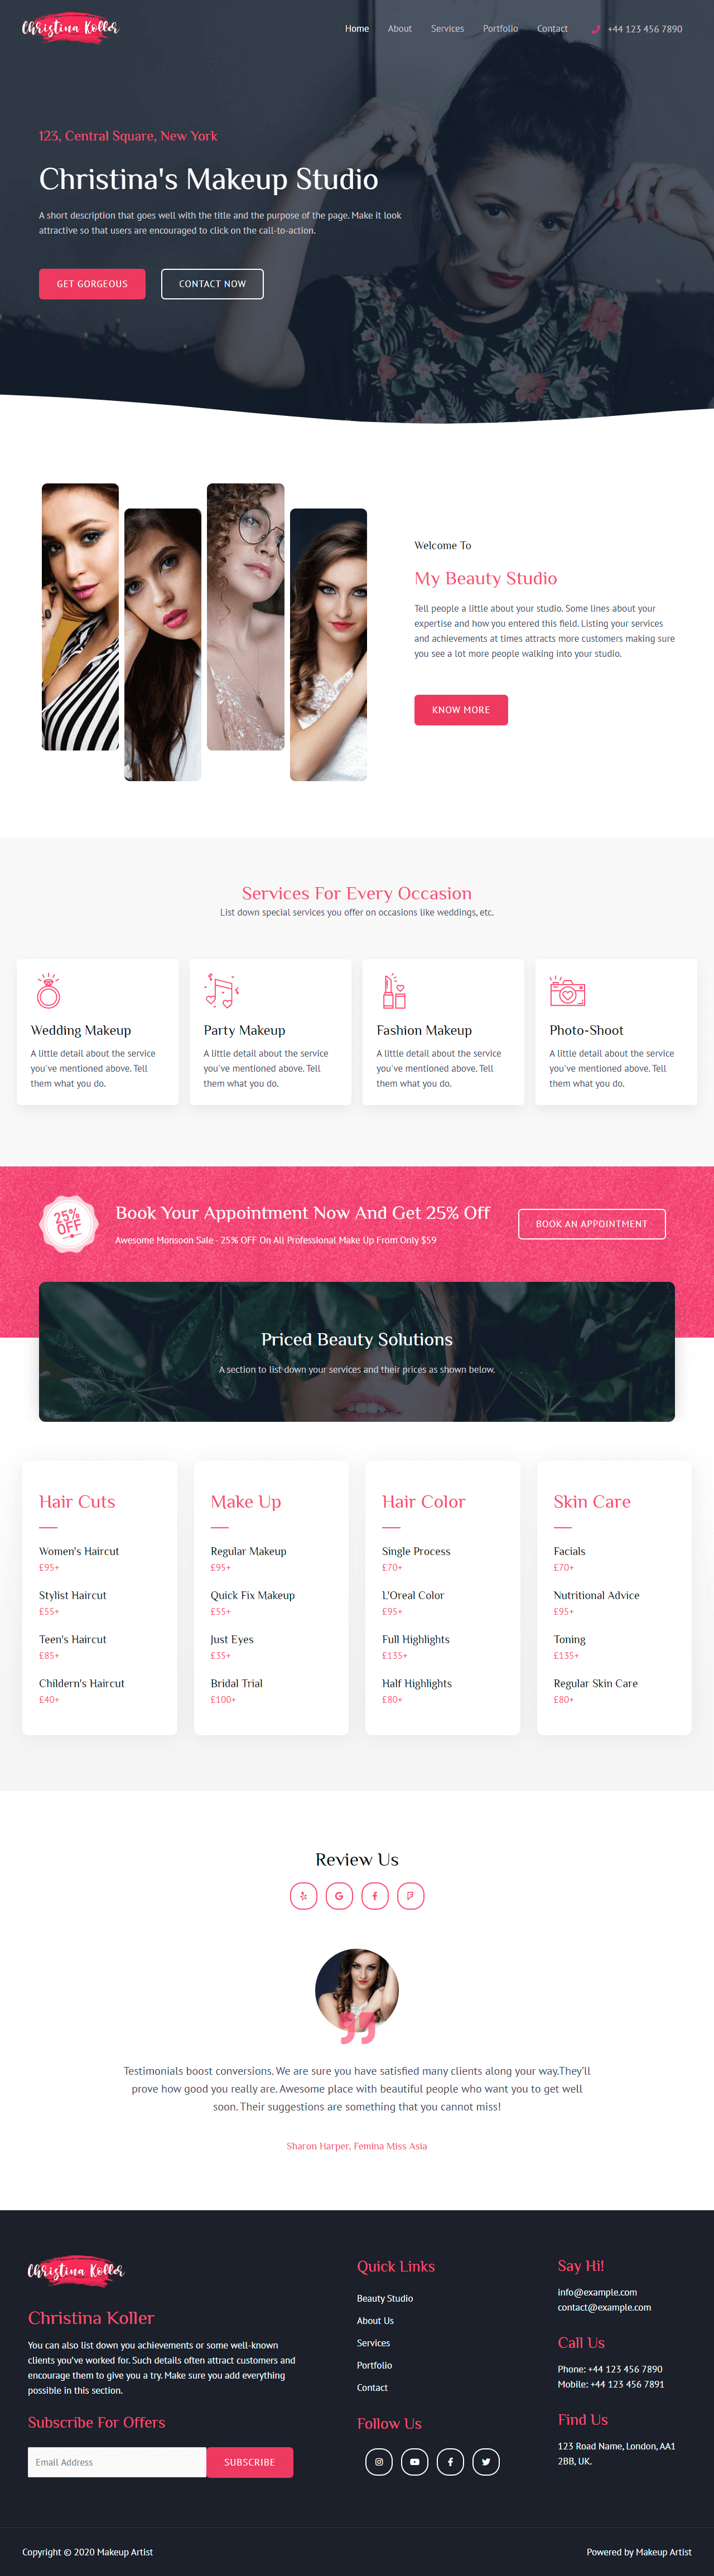 screenshot websitedemos.net 2020.10.11 23 12 30